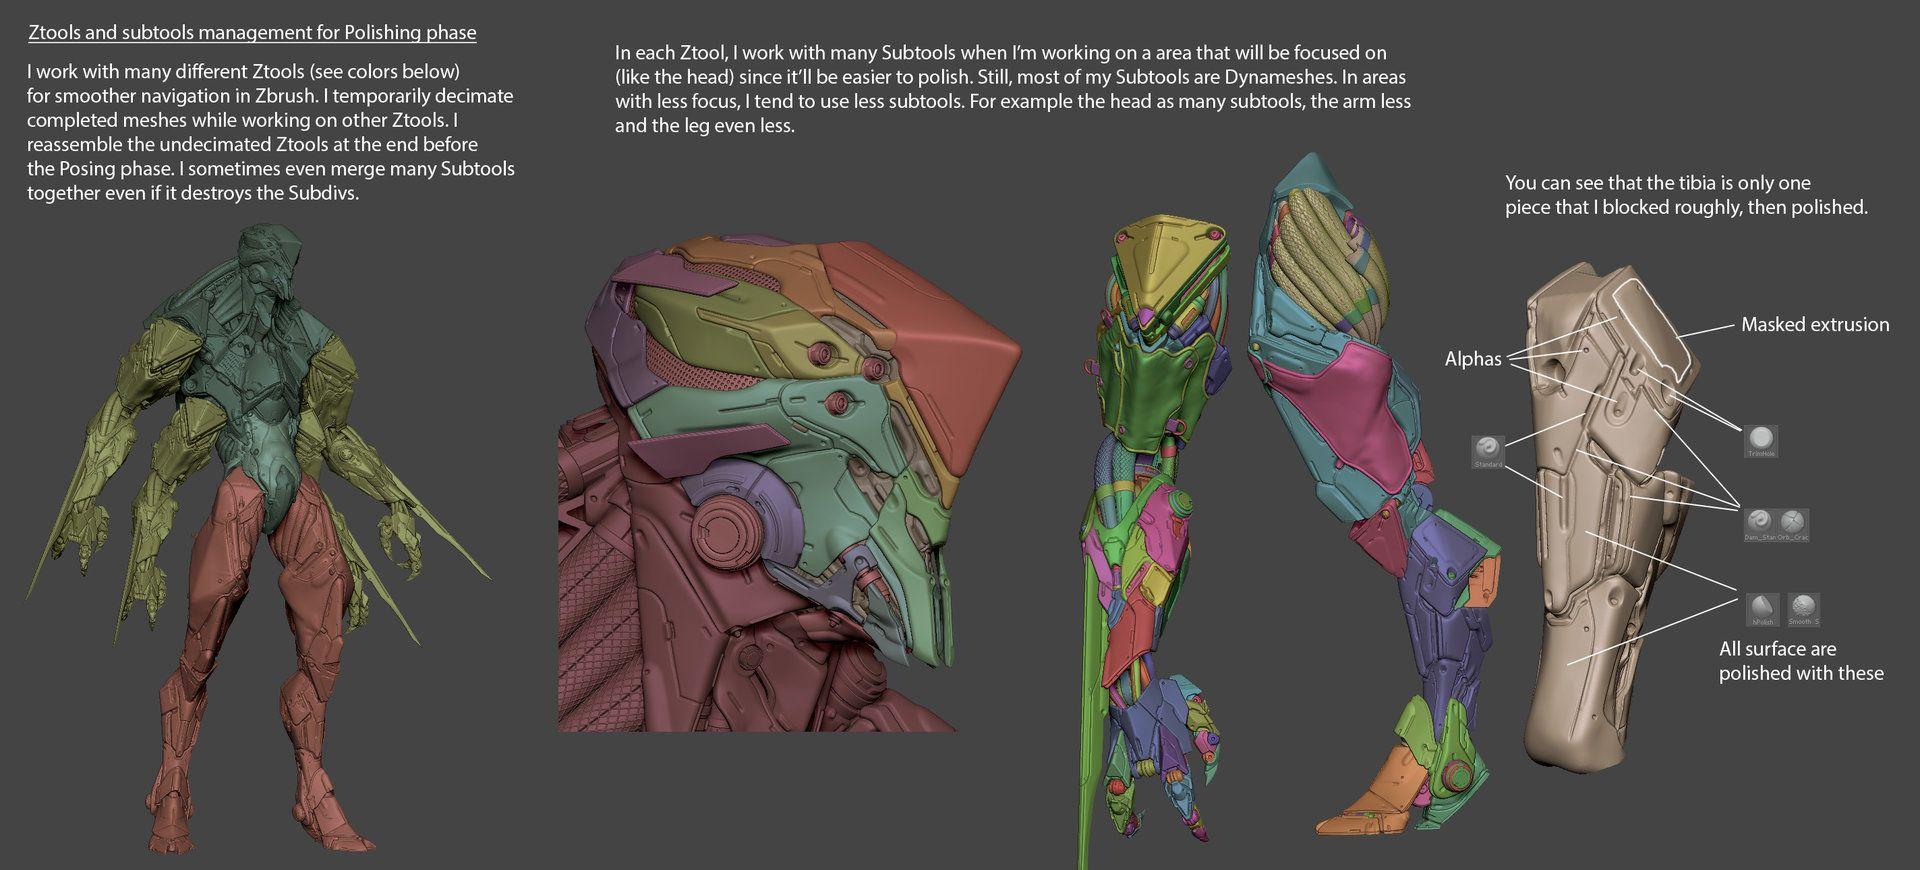 marco-plouffe-2a.jpg 1,920×870픽셀